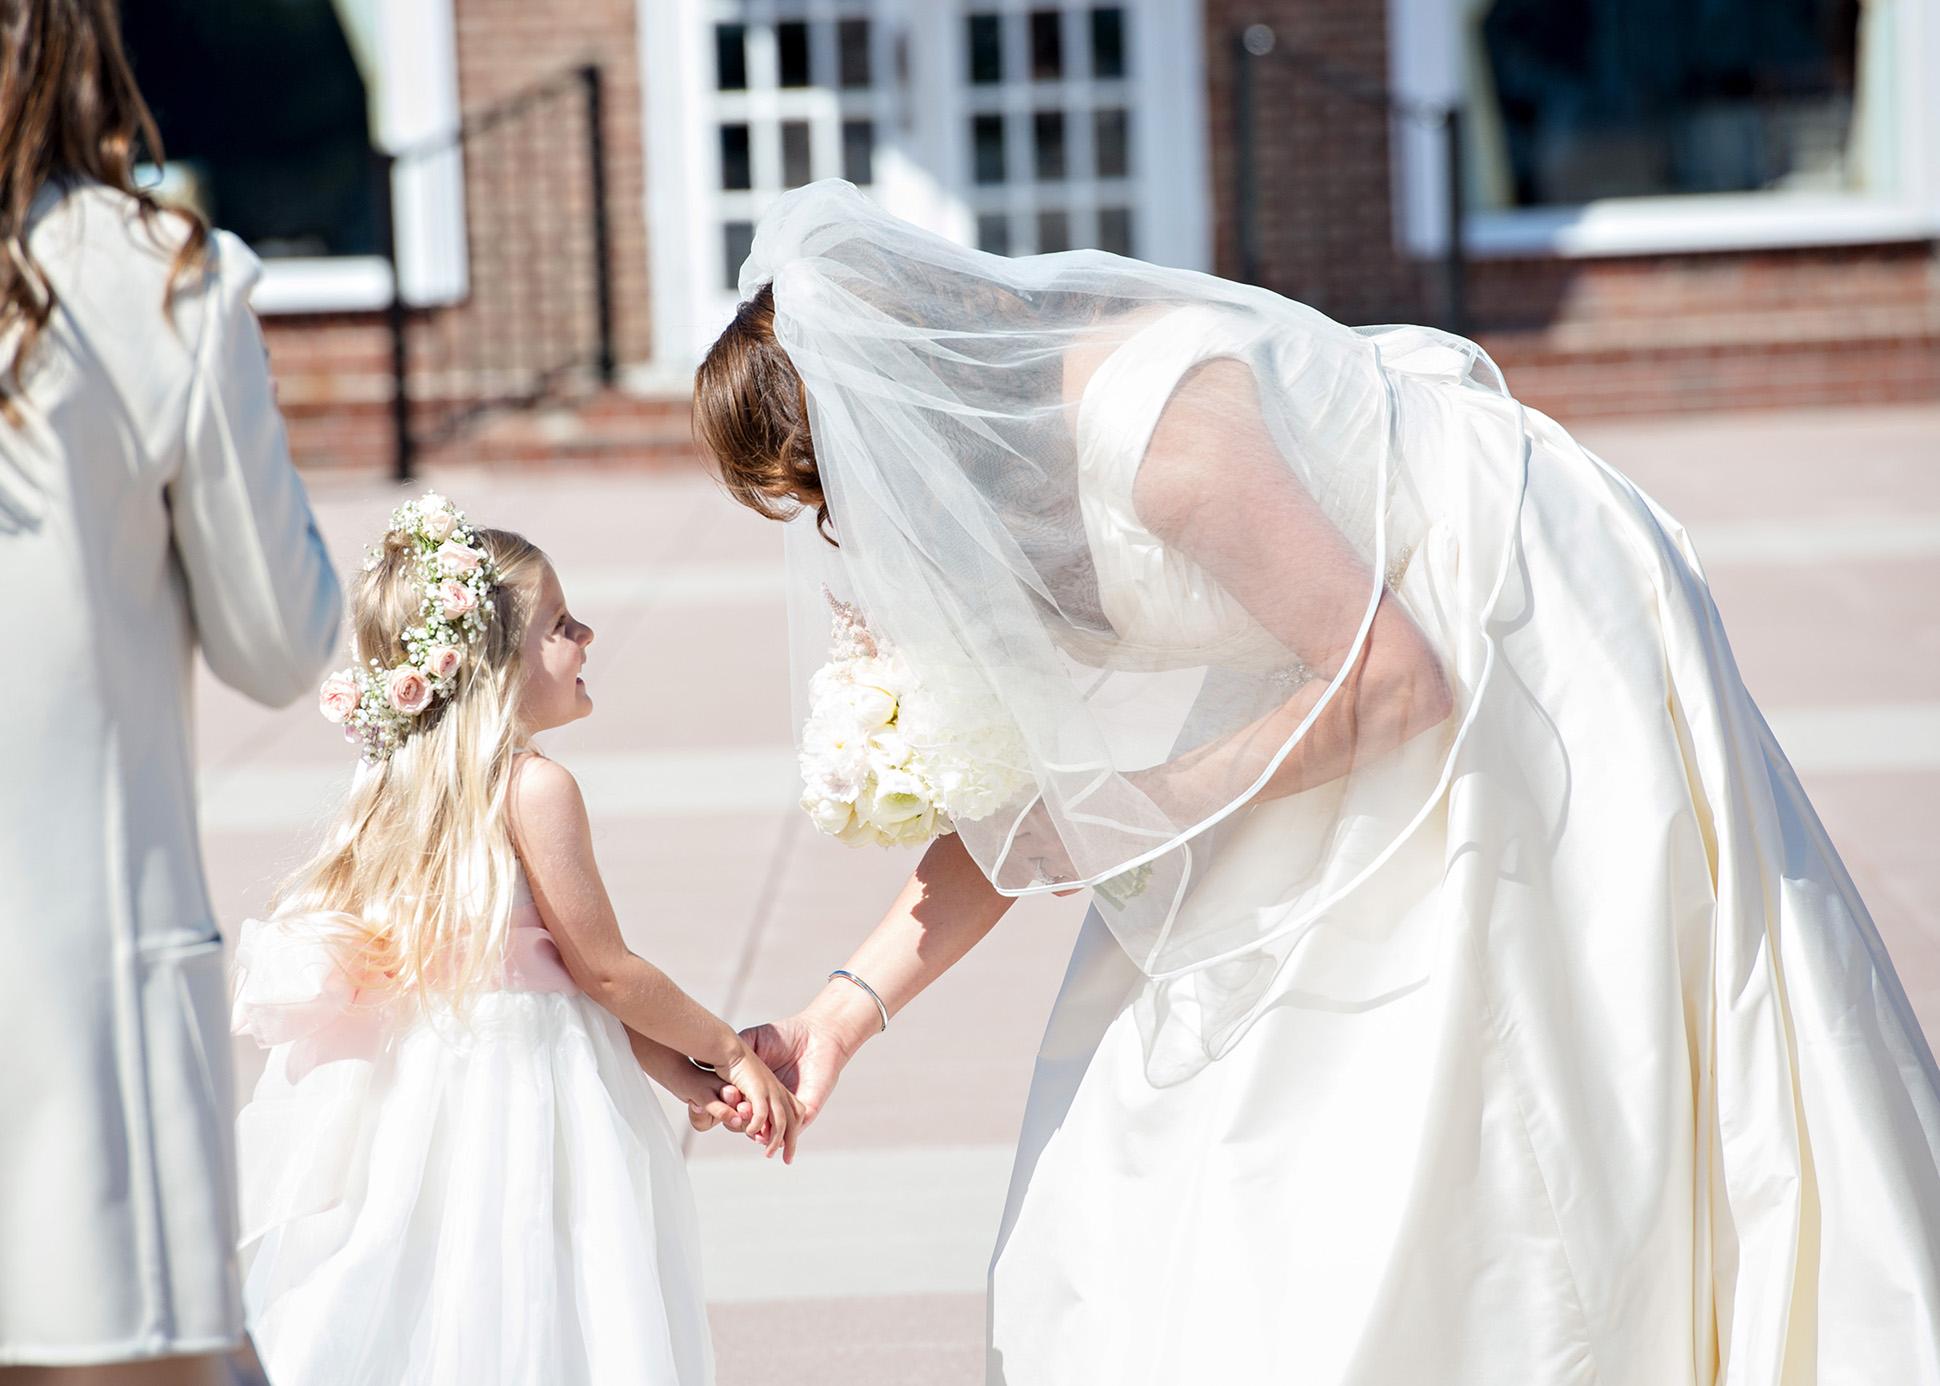 18-Sara Stadtmiller-SRS-Photography-Asbury-Park-Wedding-Photographer-Monmouth-County-Wedding-Photographer-NJ-Wedding-Photographer-Molly-Pitcher-Inn-Wedding